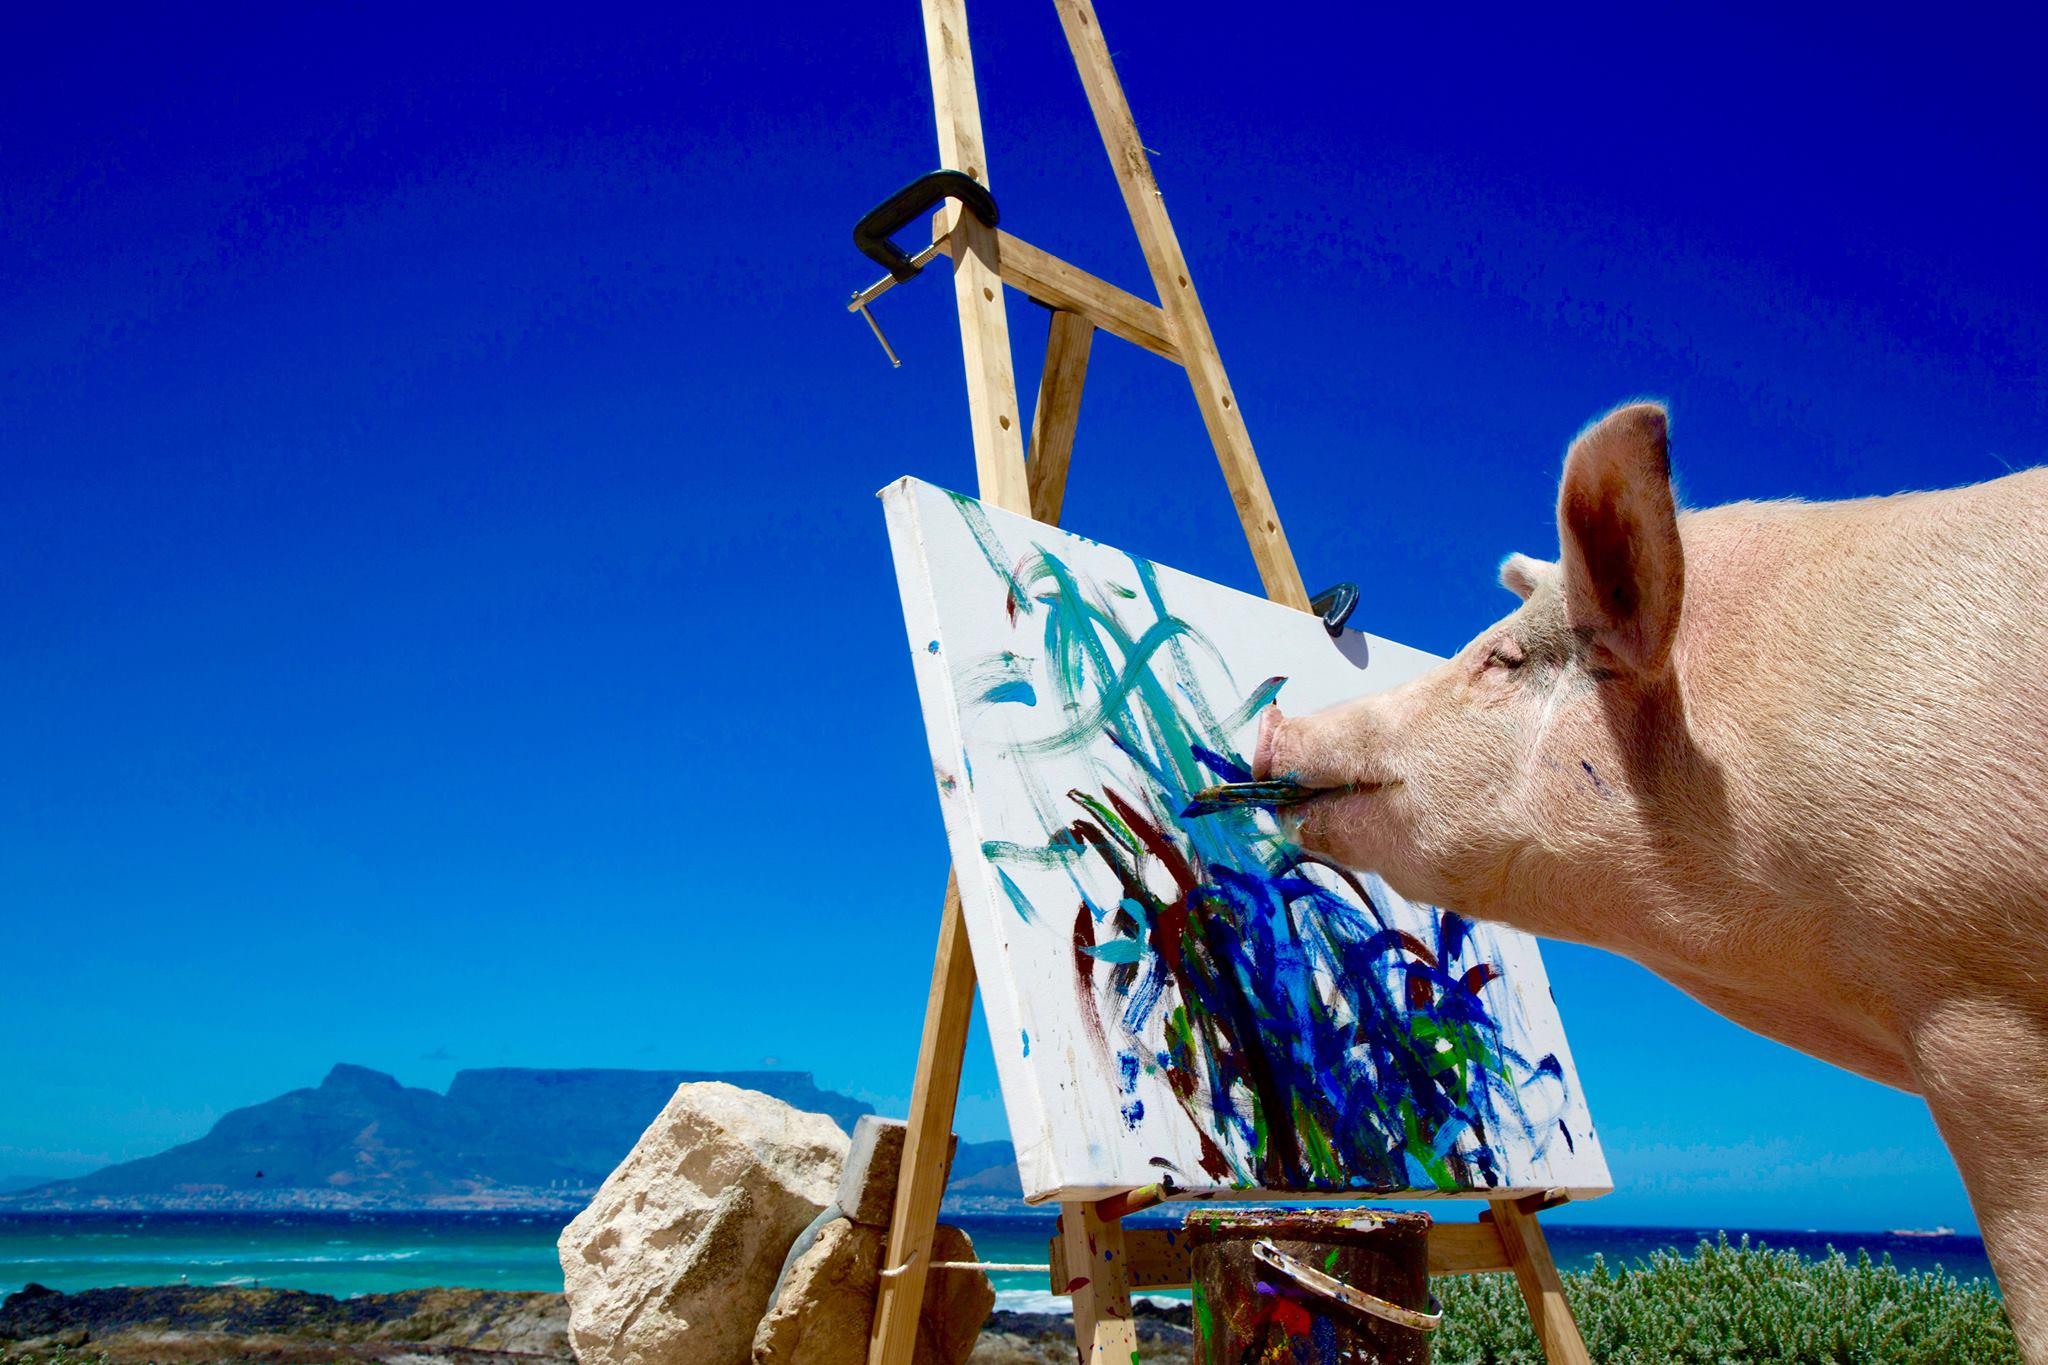 Pigcasso, prase vystavující vlastní malby